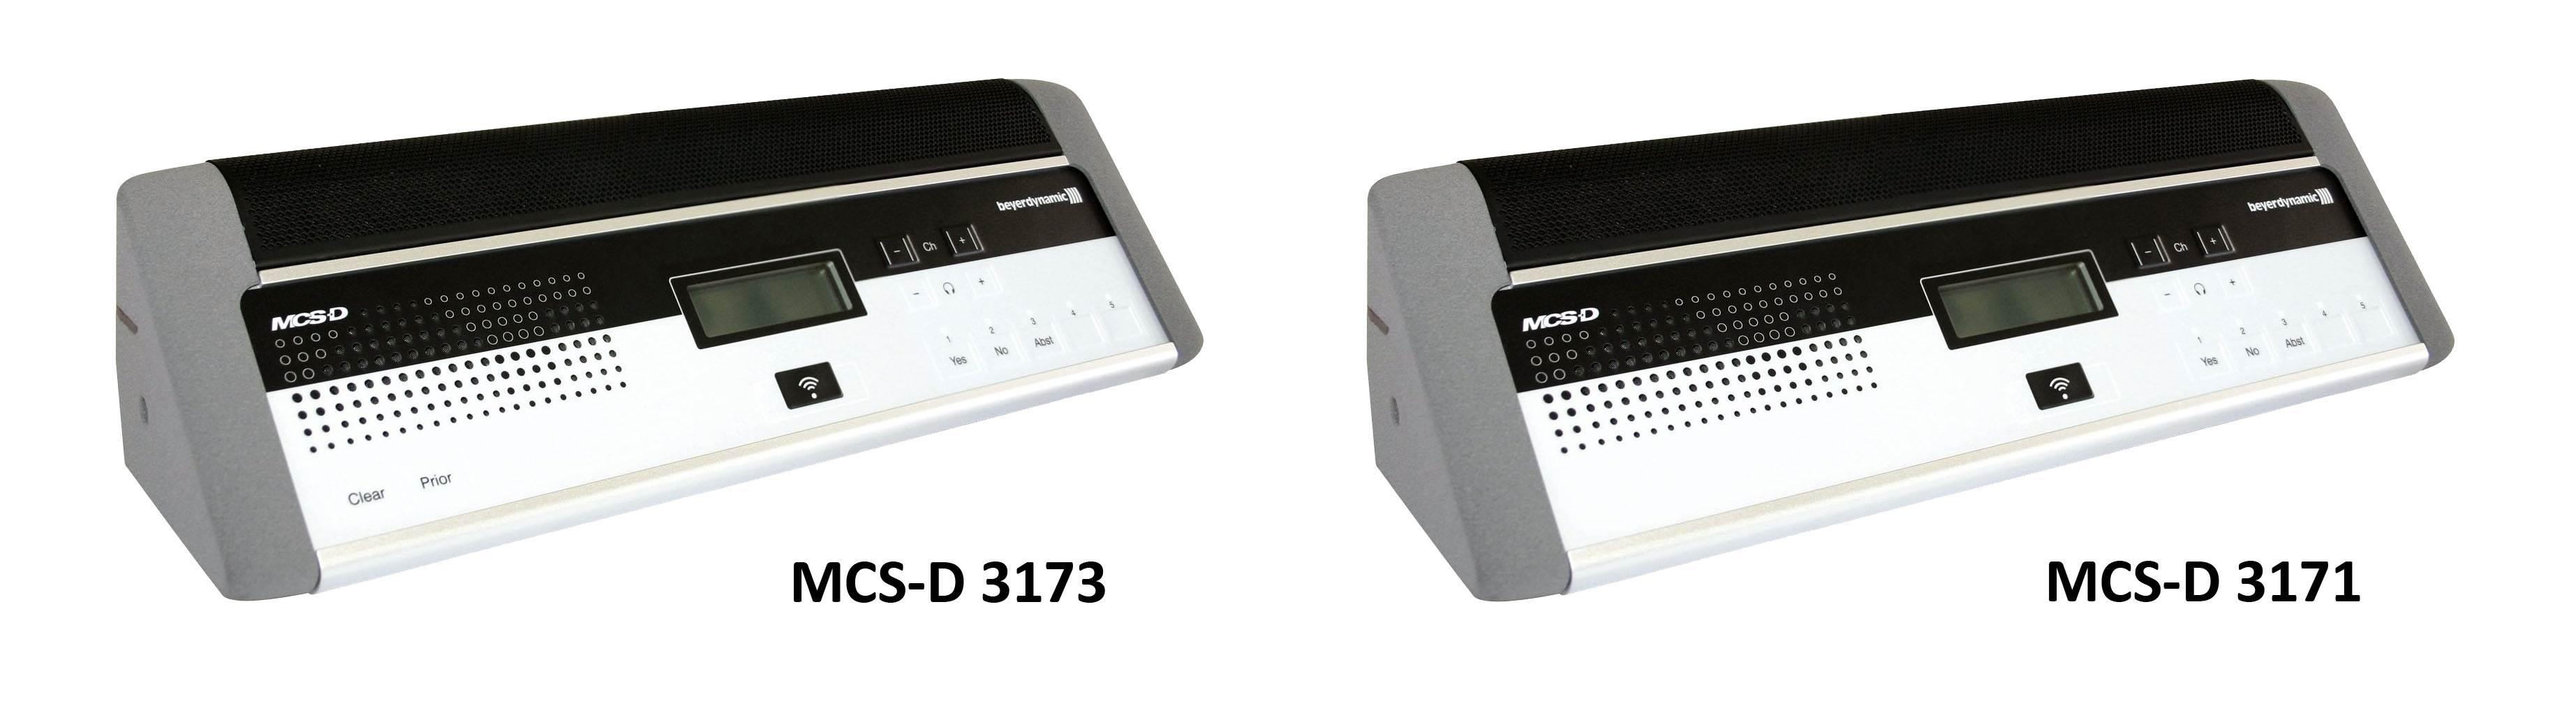 یونیت کنفرانس دیجیتال محصول کمپانی Beyerdynamic ( بیرداینامیک ) مدل MCS-D 3171 , 3173